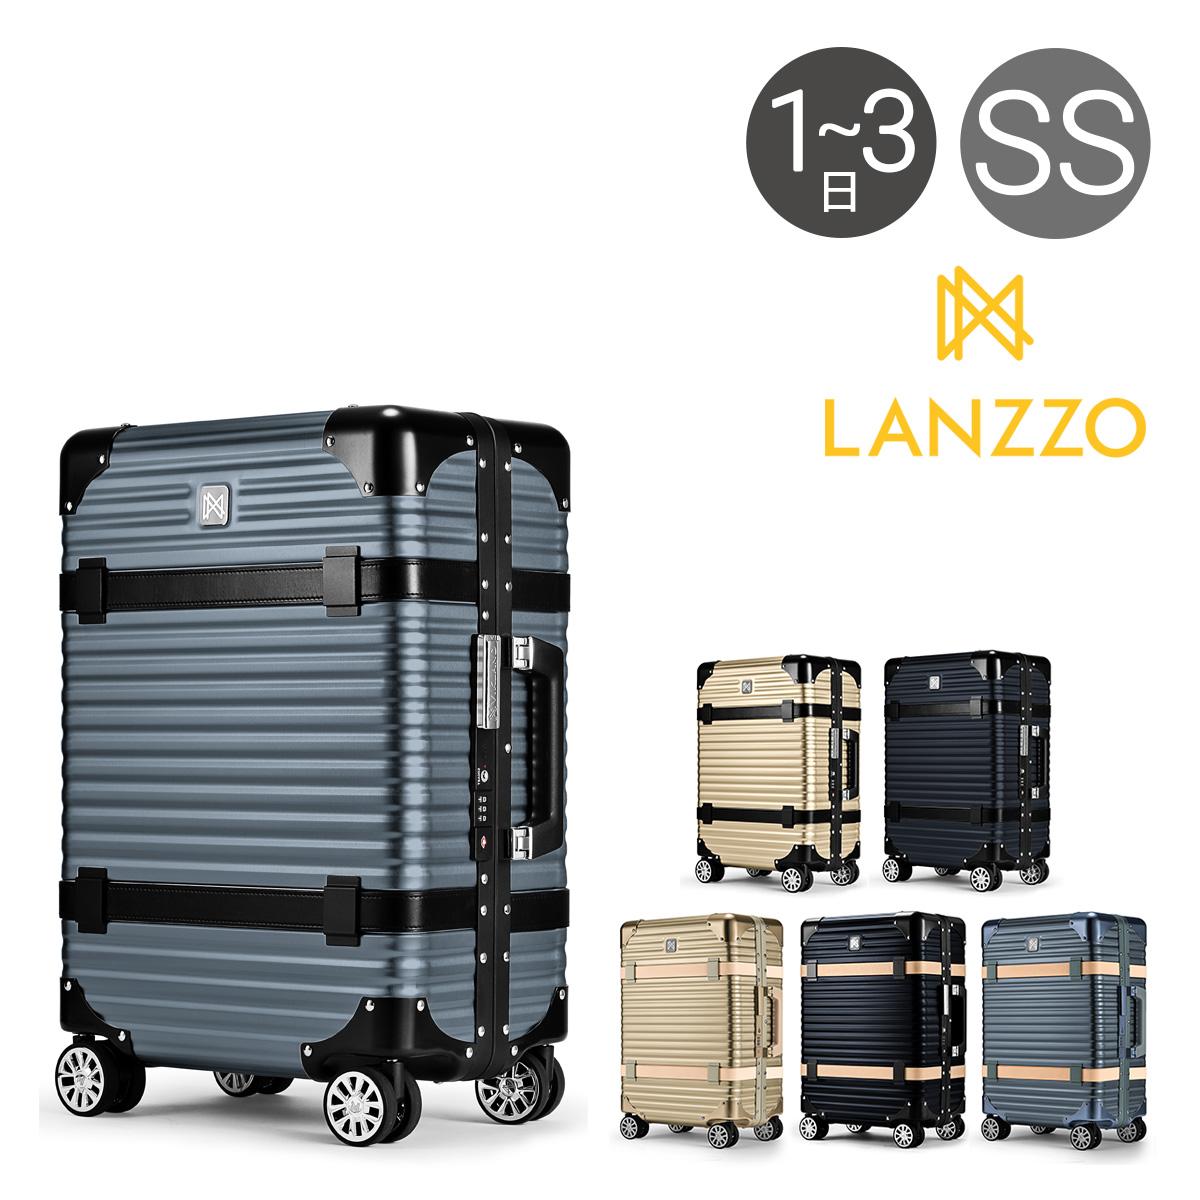 ランツォ スーツケース バイキング 21インチ|38L 51cm 5.3kg|アルミニウム合金 5年保証 アルミ ハード フレーム TSAロック搭載 LANZZO [bef][PO10]